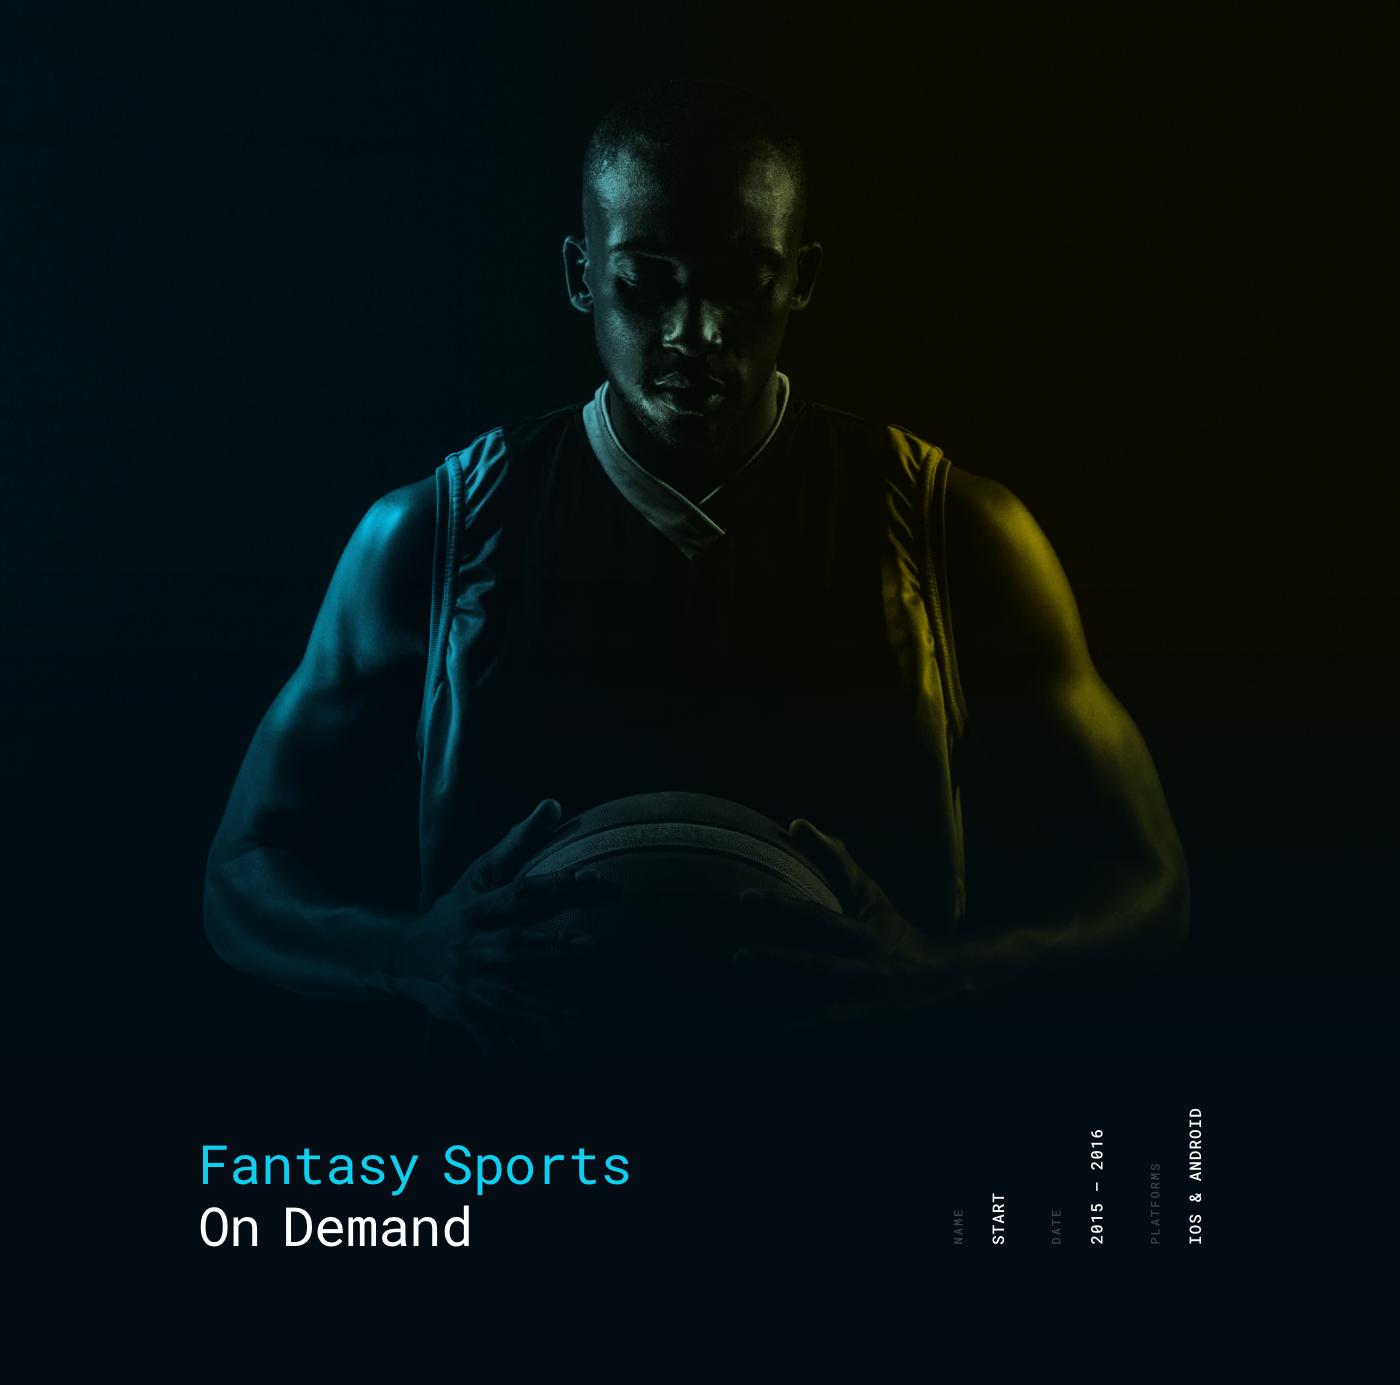 start daily start app fantasy sports Fantasy App basketball app STRV strvcom ales nesetril dark ios ui dark ui